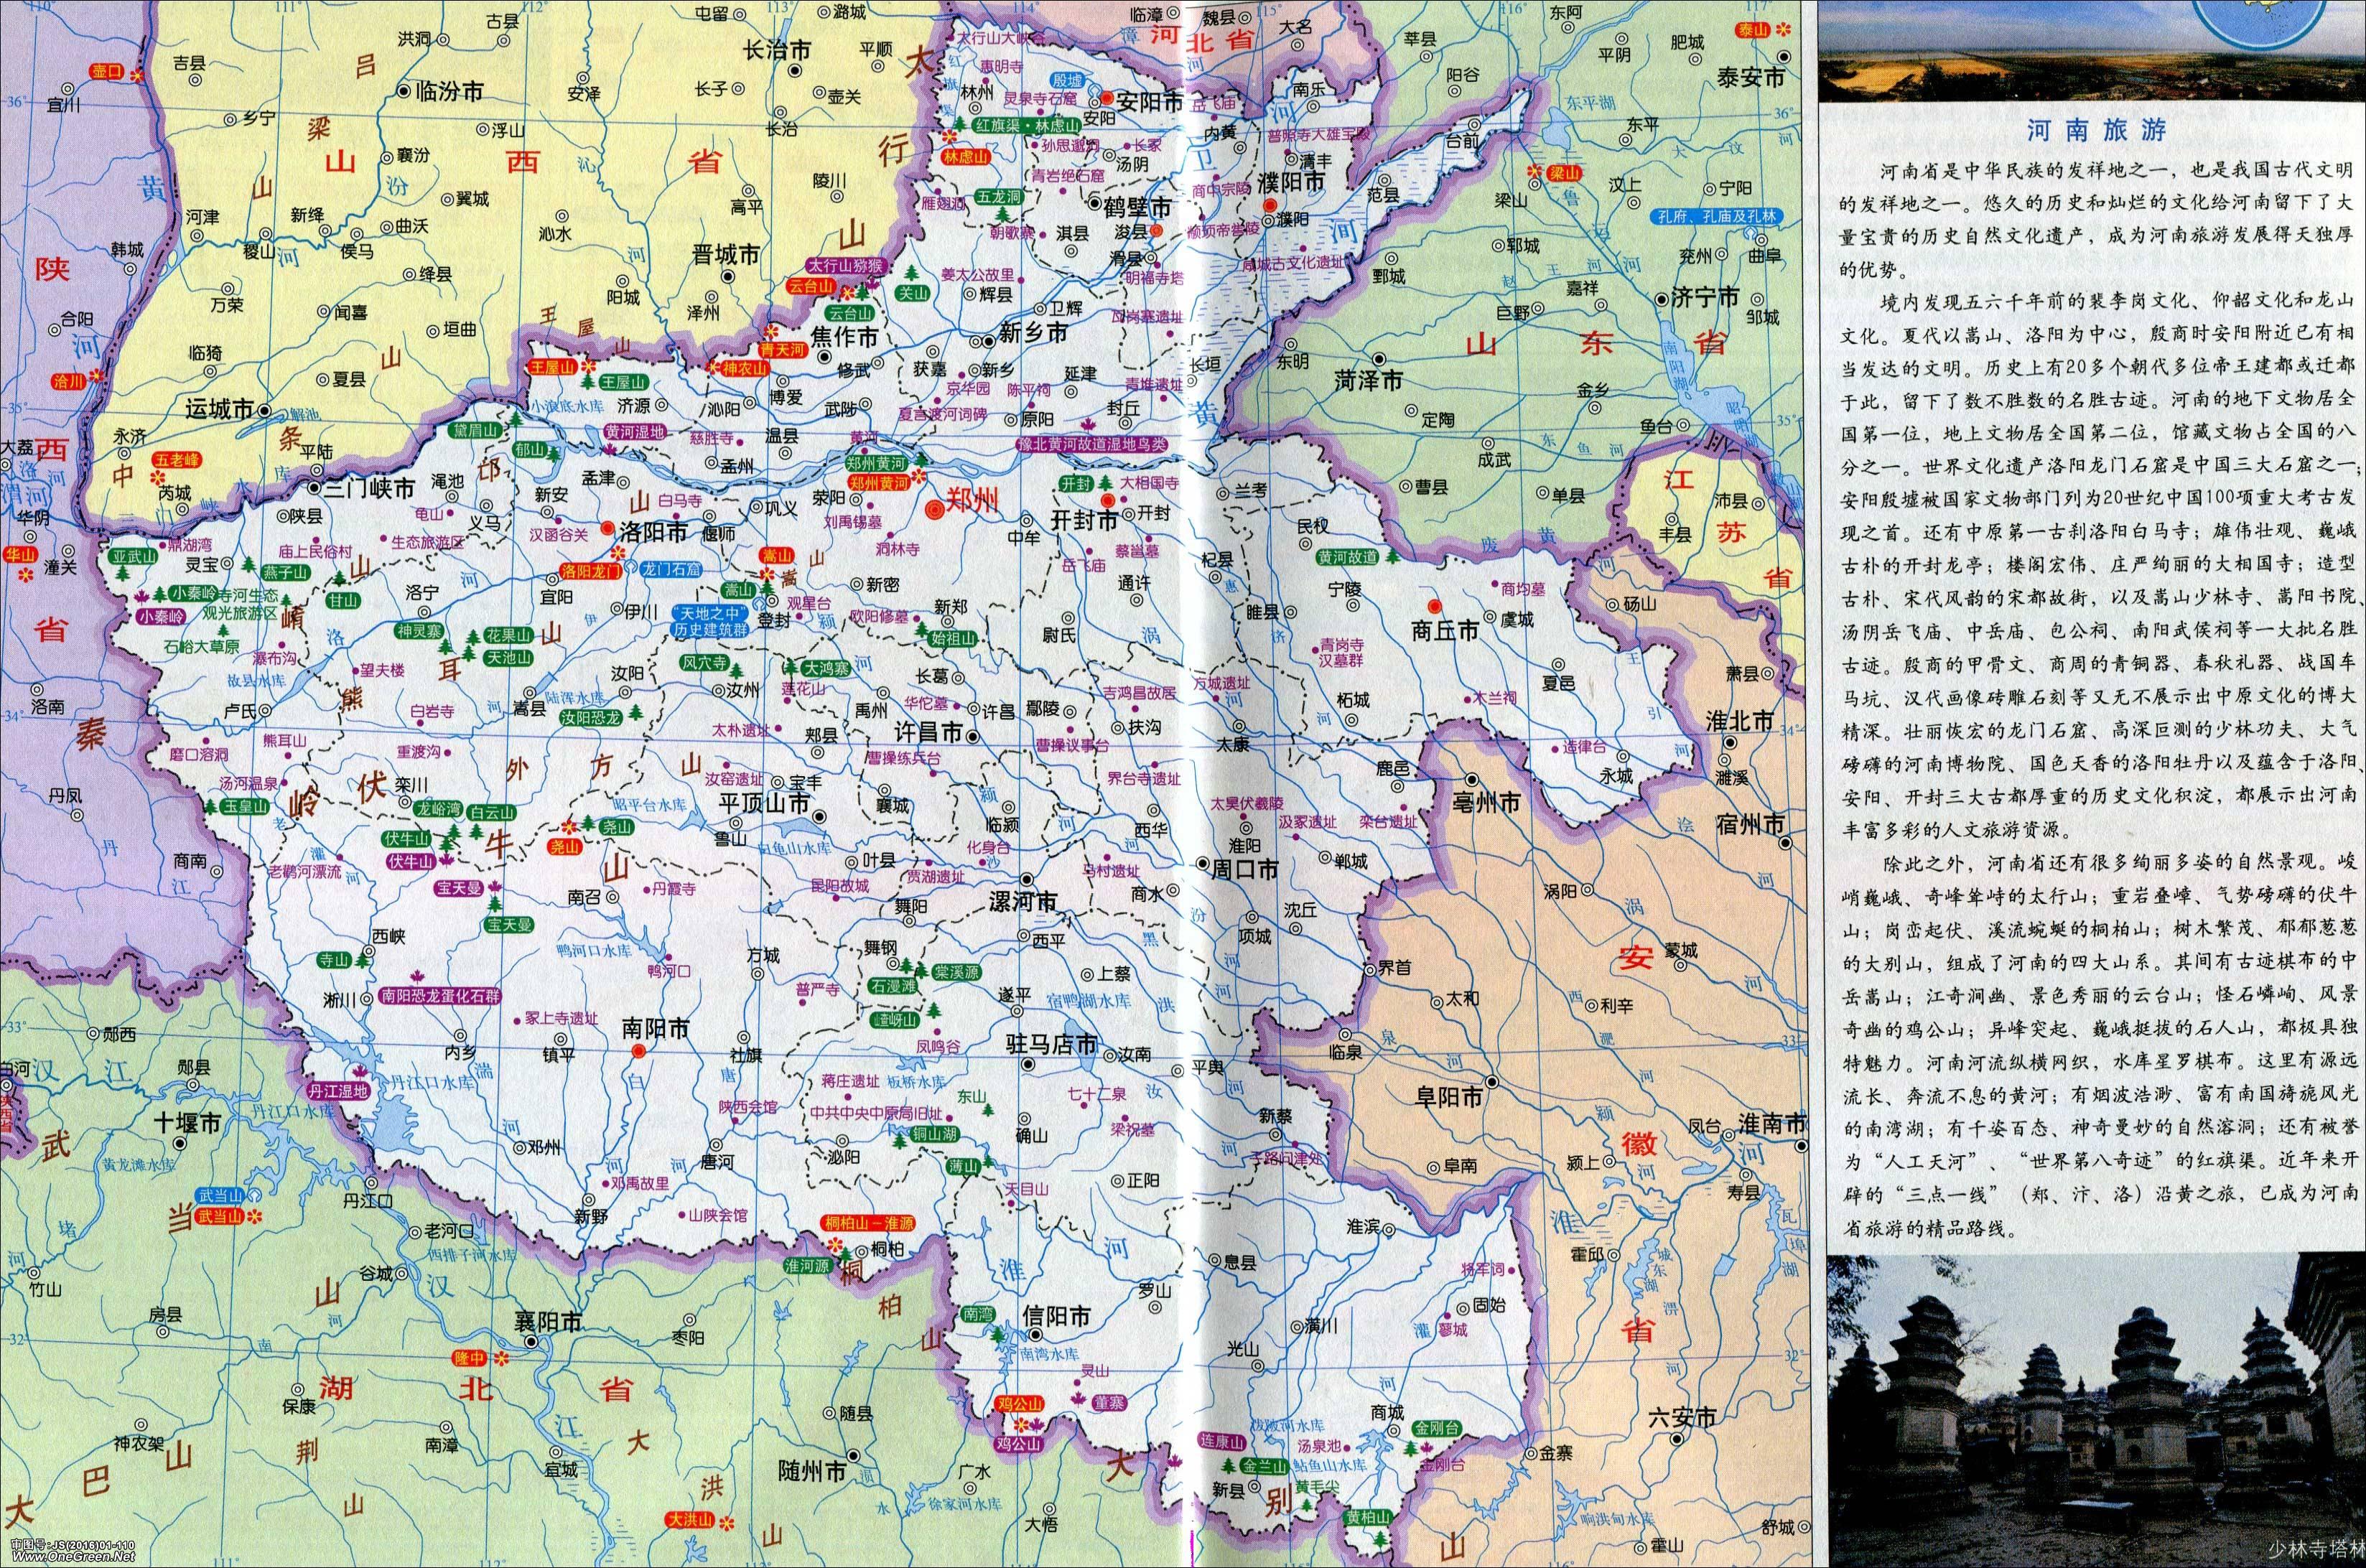 河南省旅游地图图片